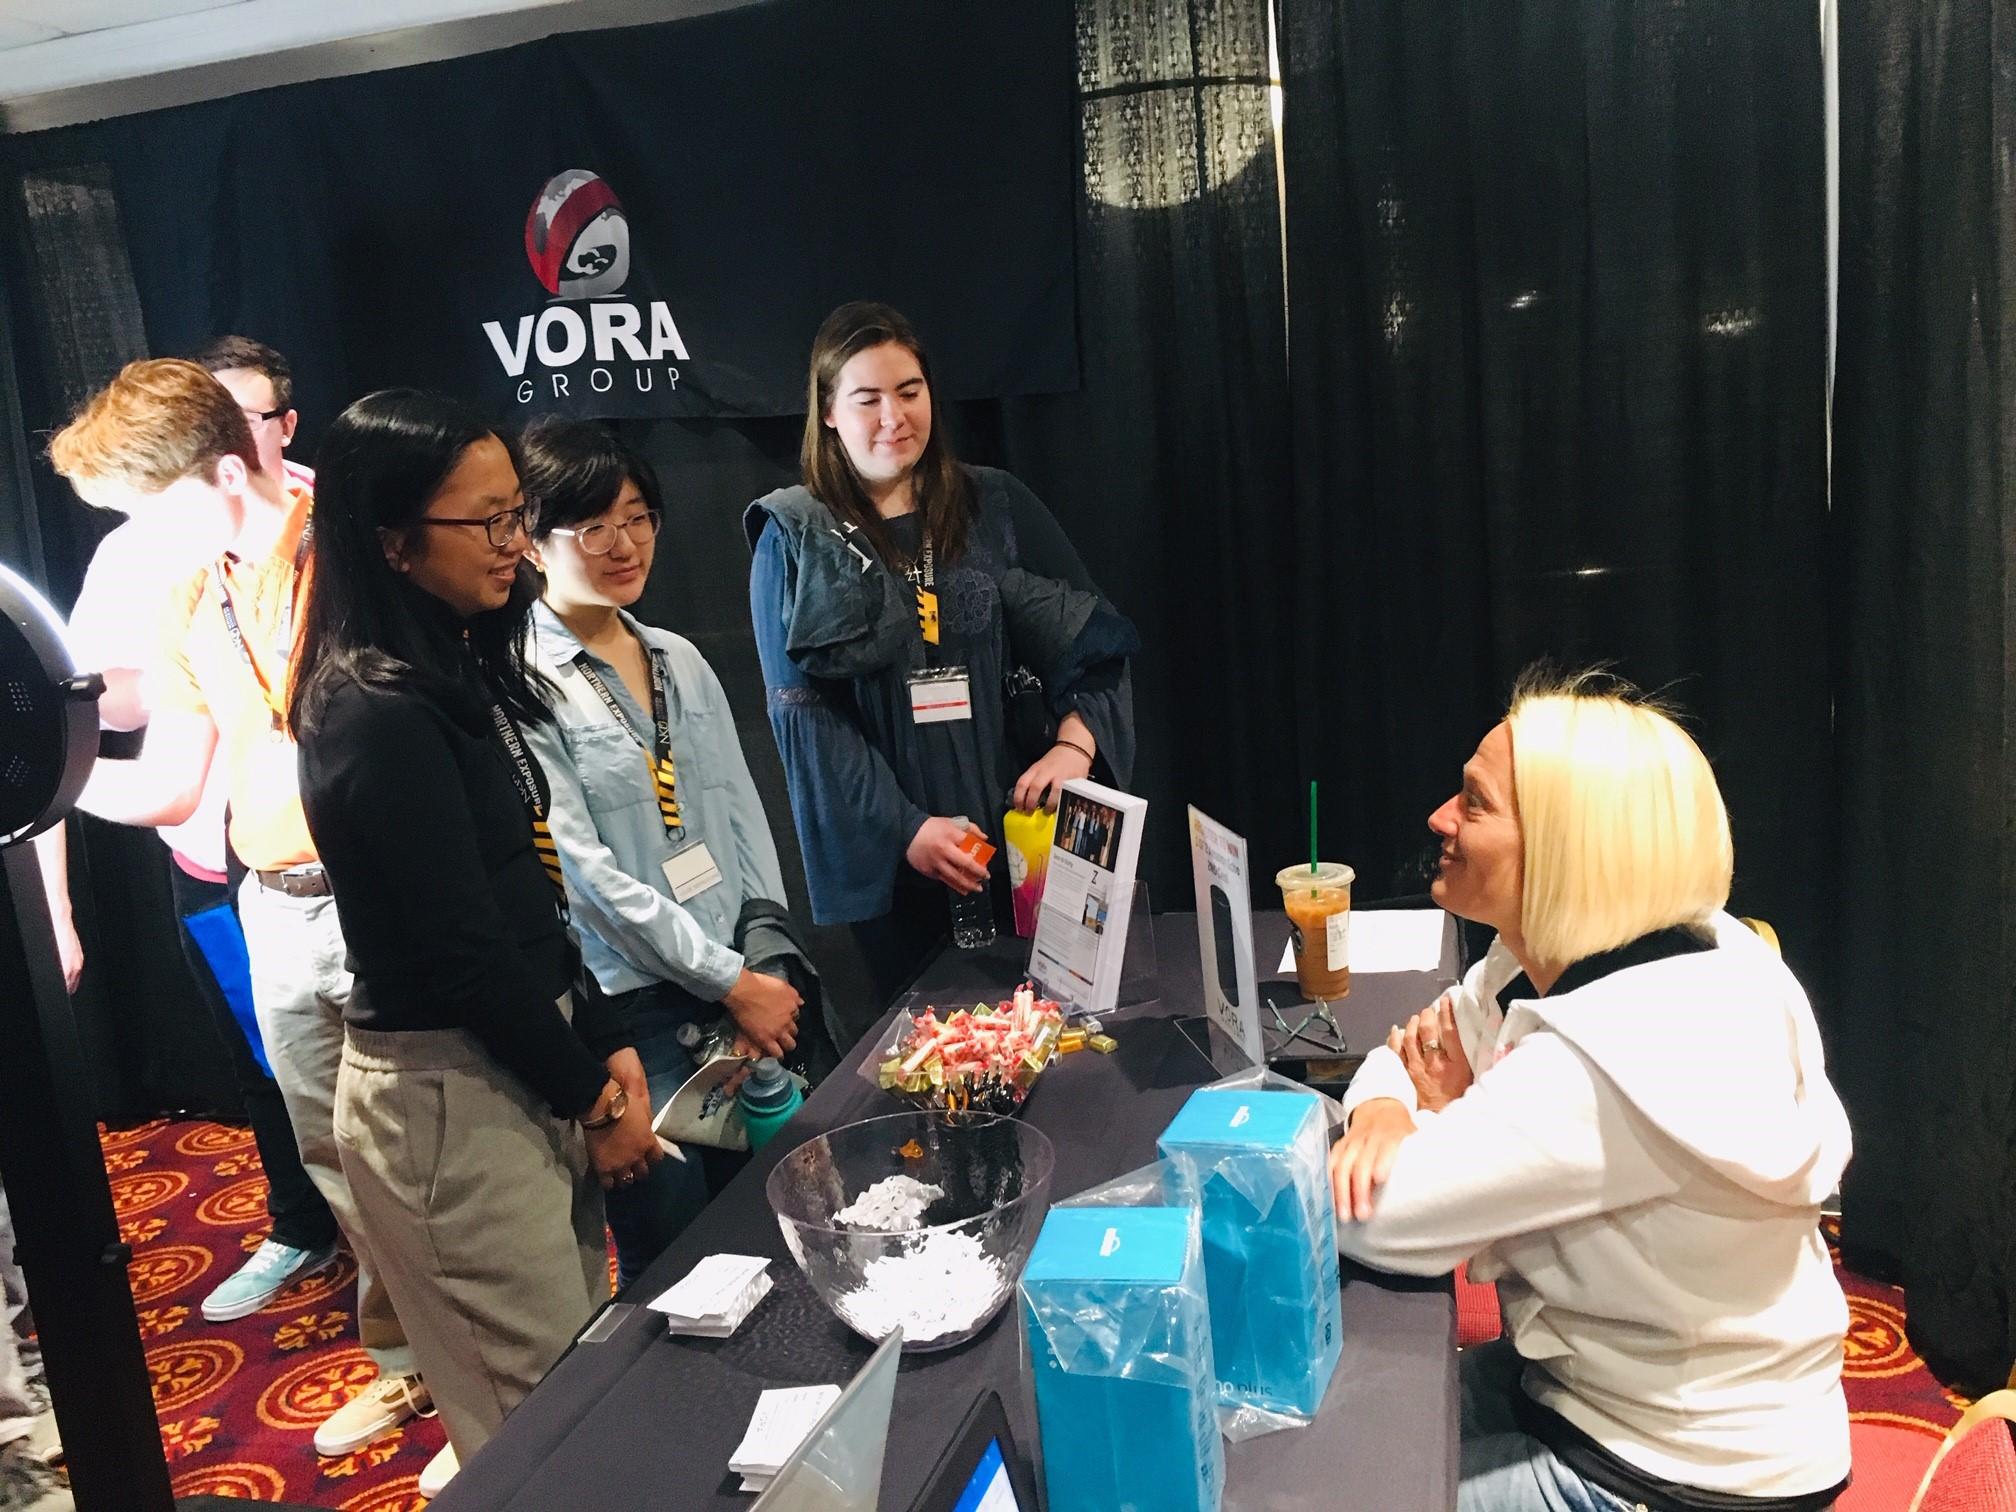 Vora Ventures Sponsors 2019 TechOlympics Promoting IT Careers